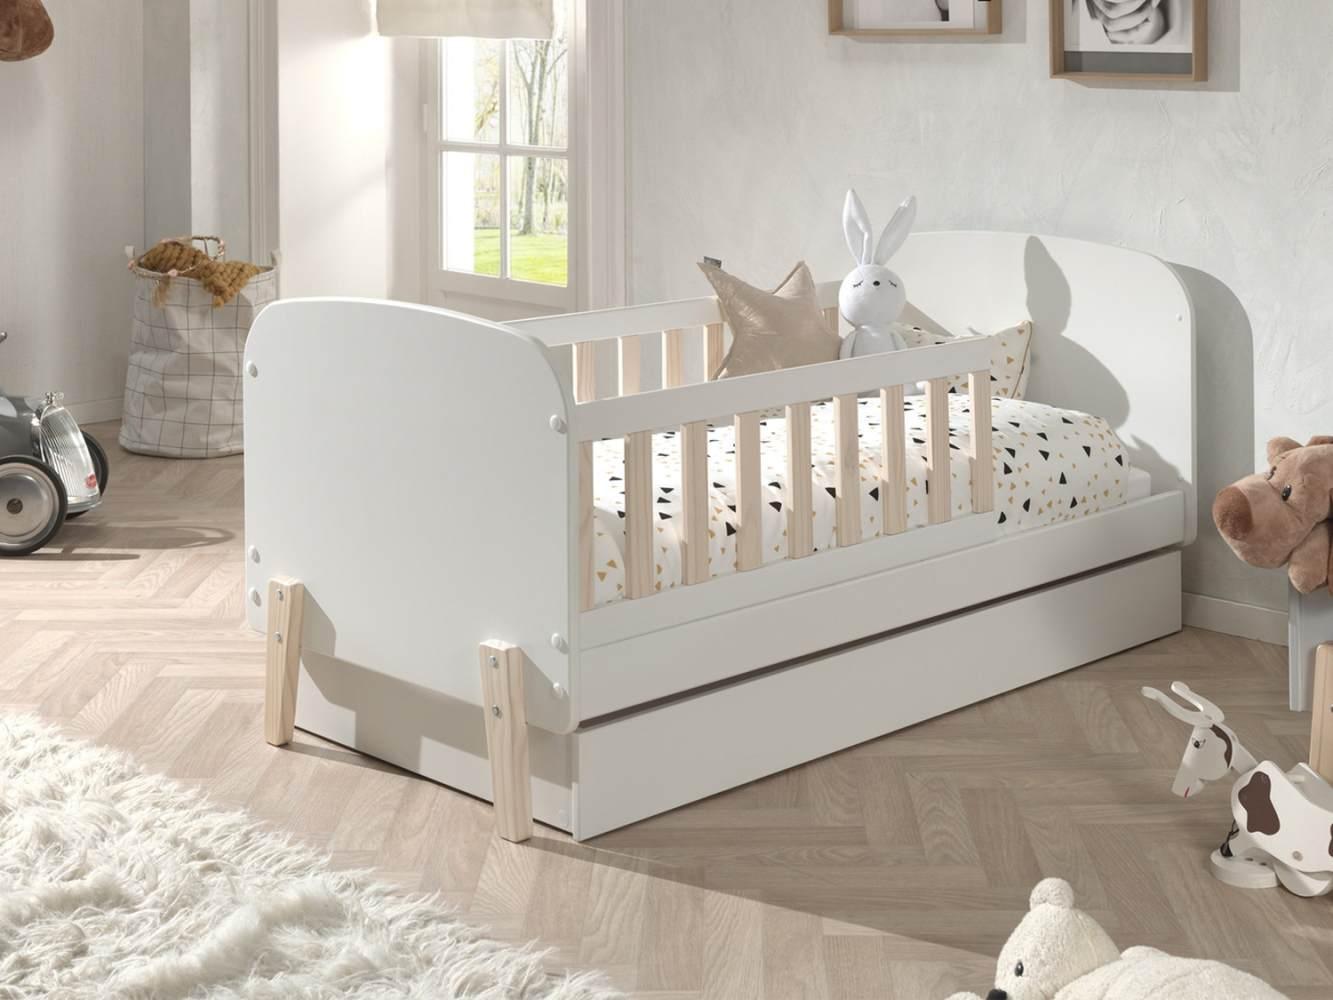 Bett Kinderbett mit Schublade Kiddy MDF und Kiefer 70x140 cm Bild 1